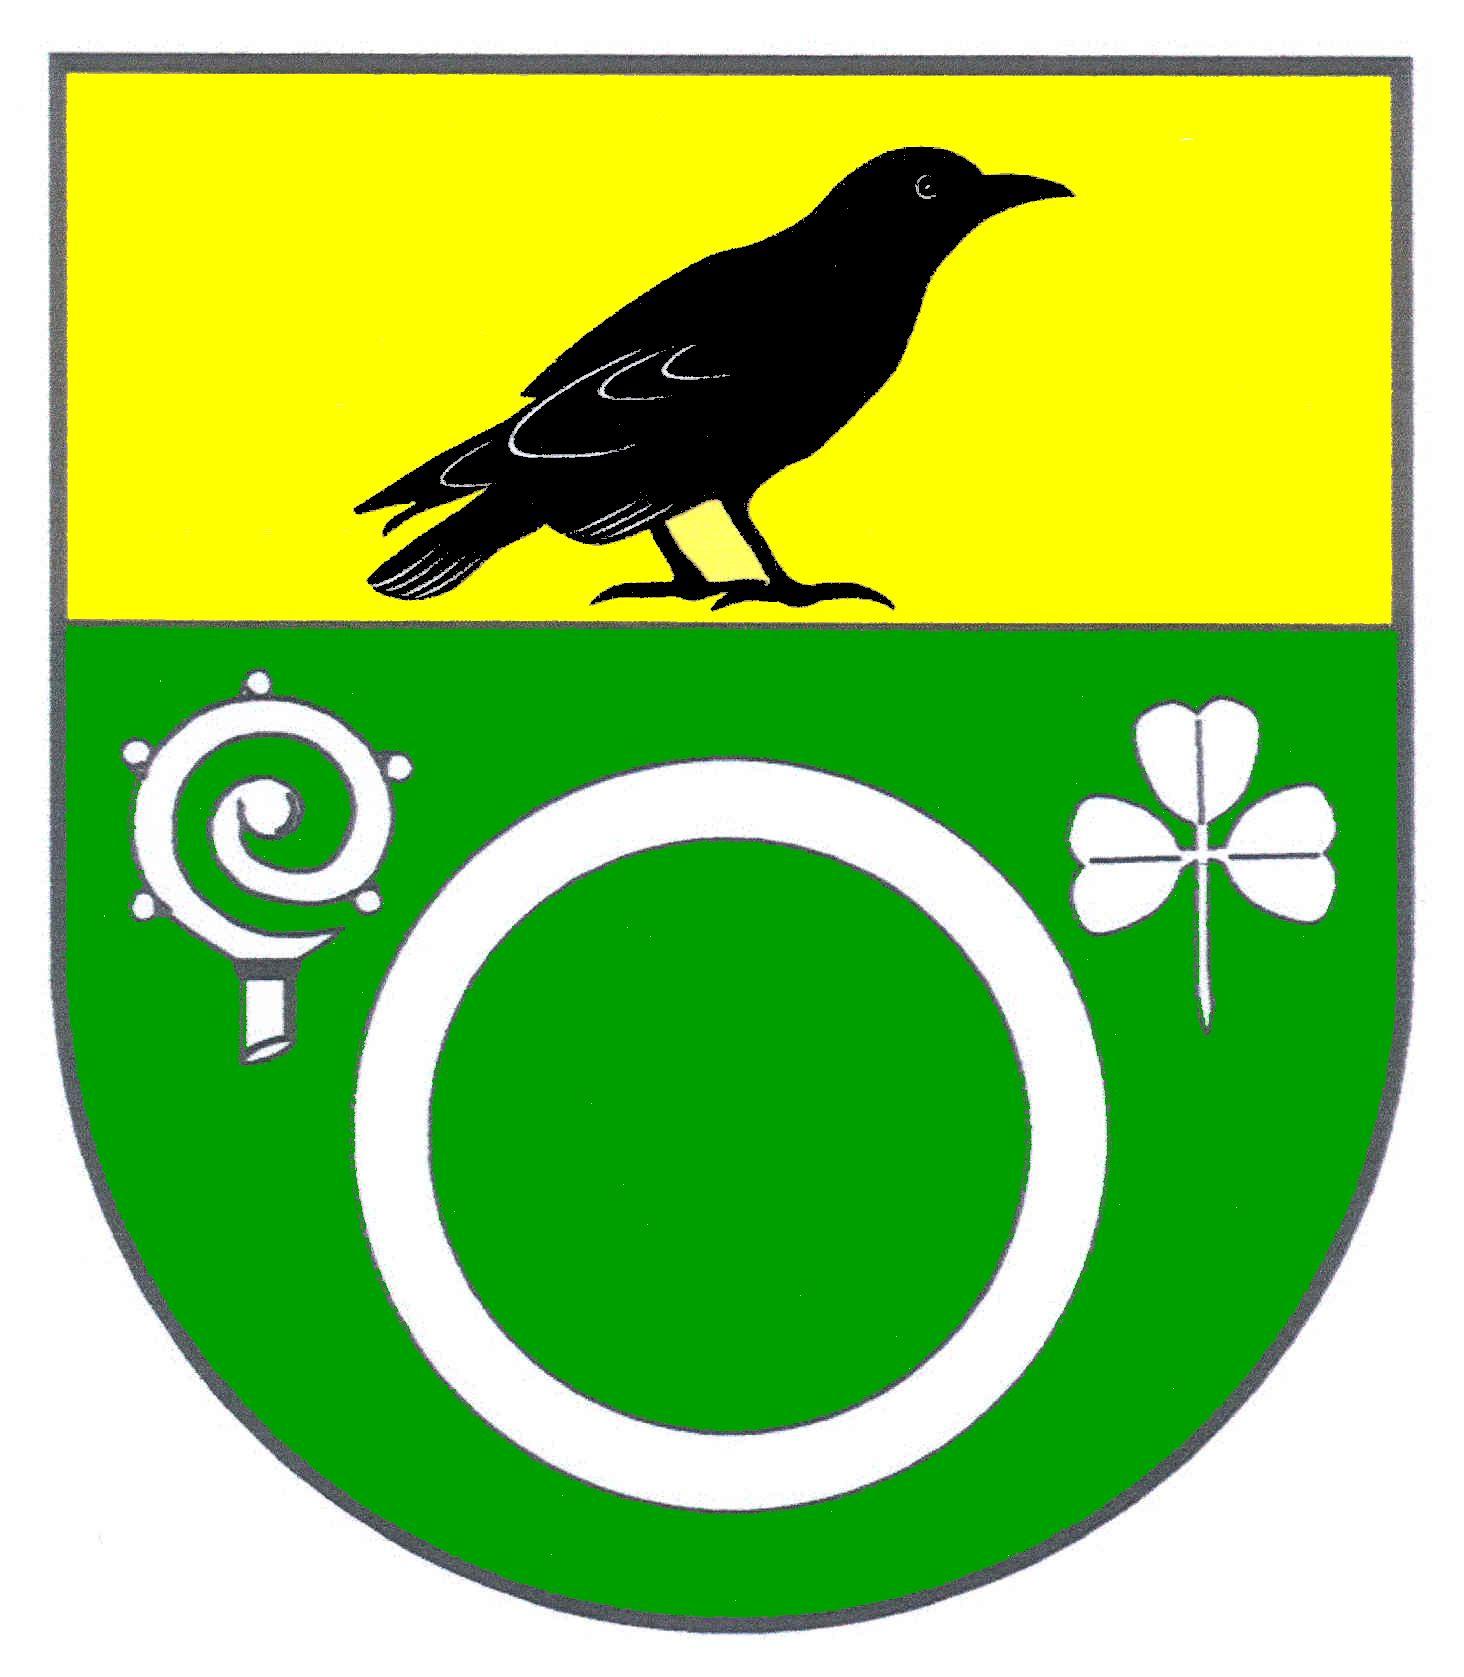 Wappen GemeindeWarnau, Kreis Plön